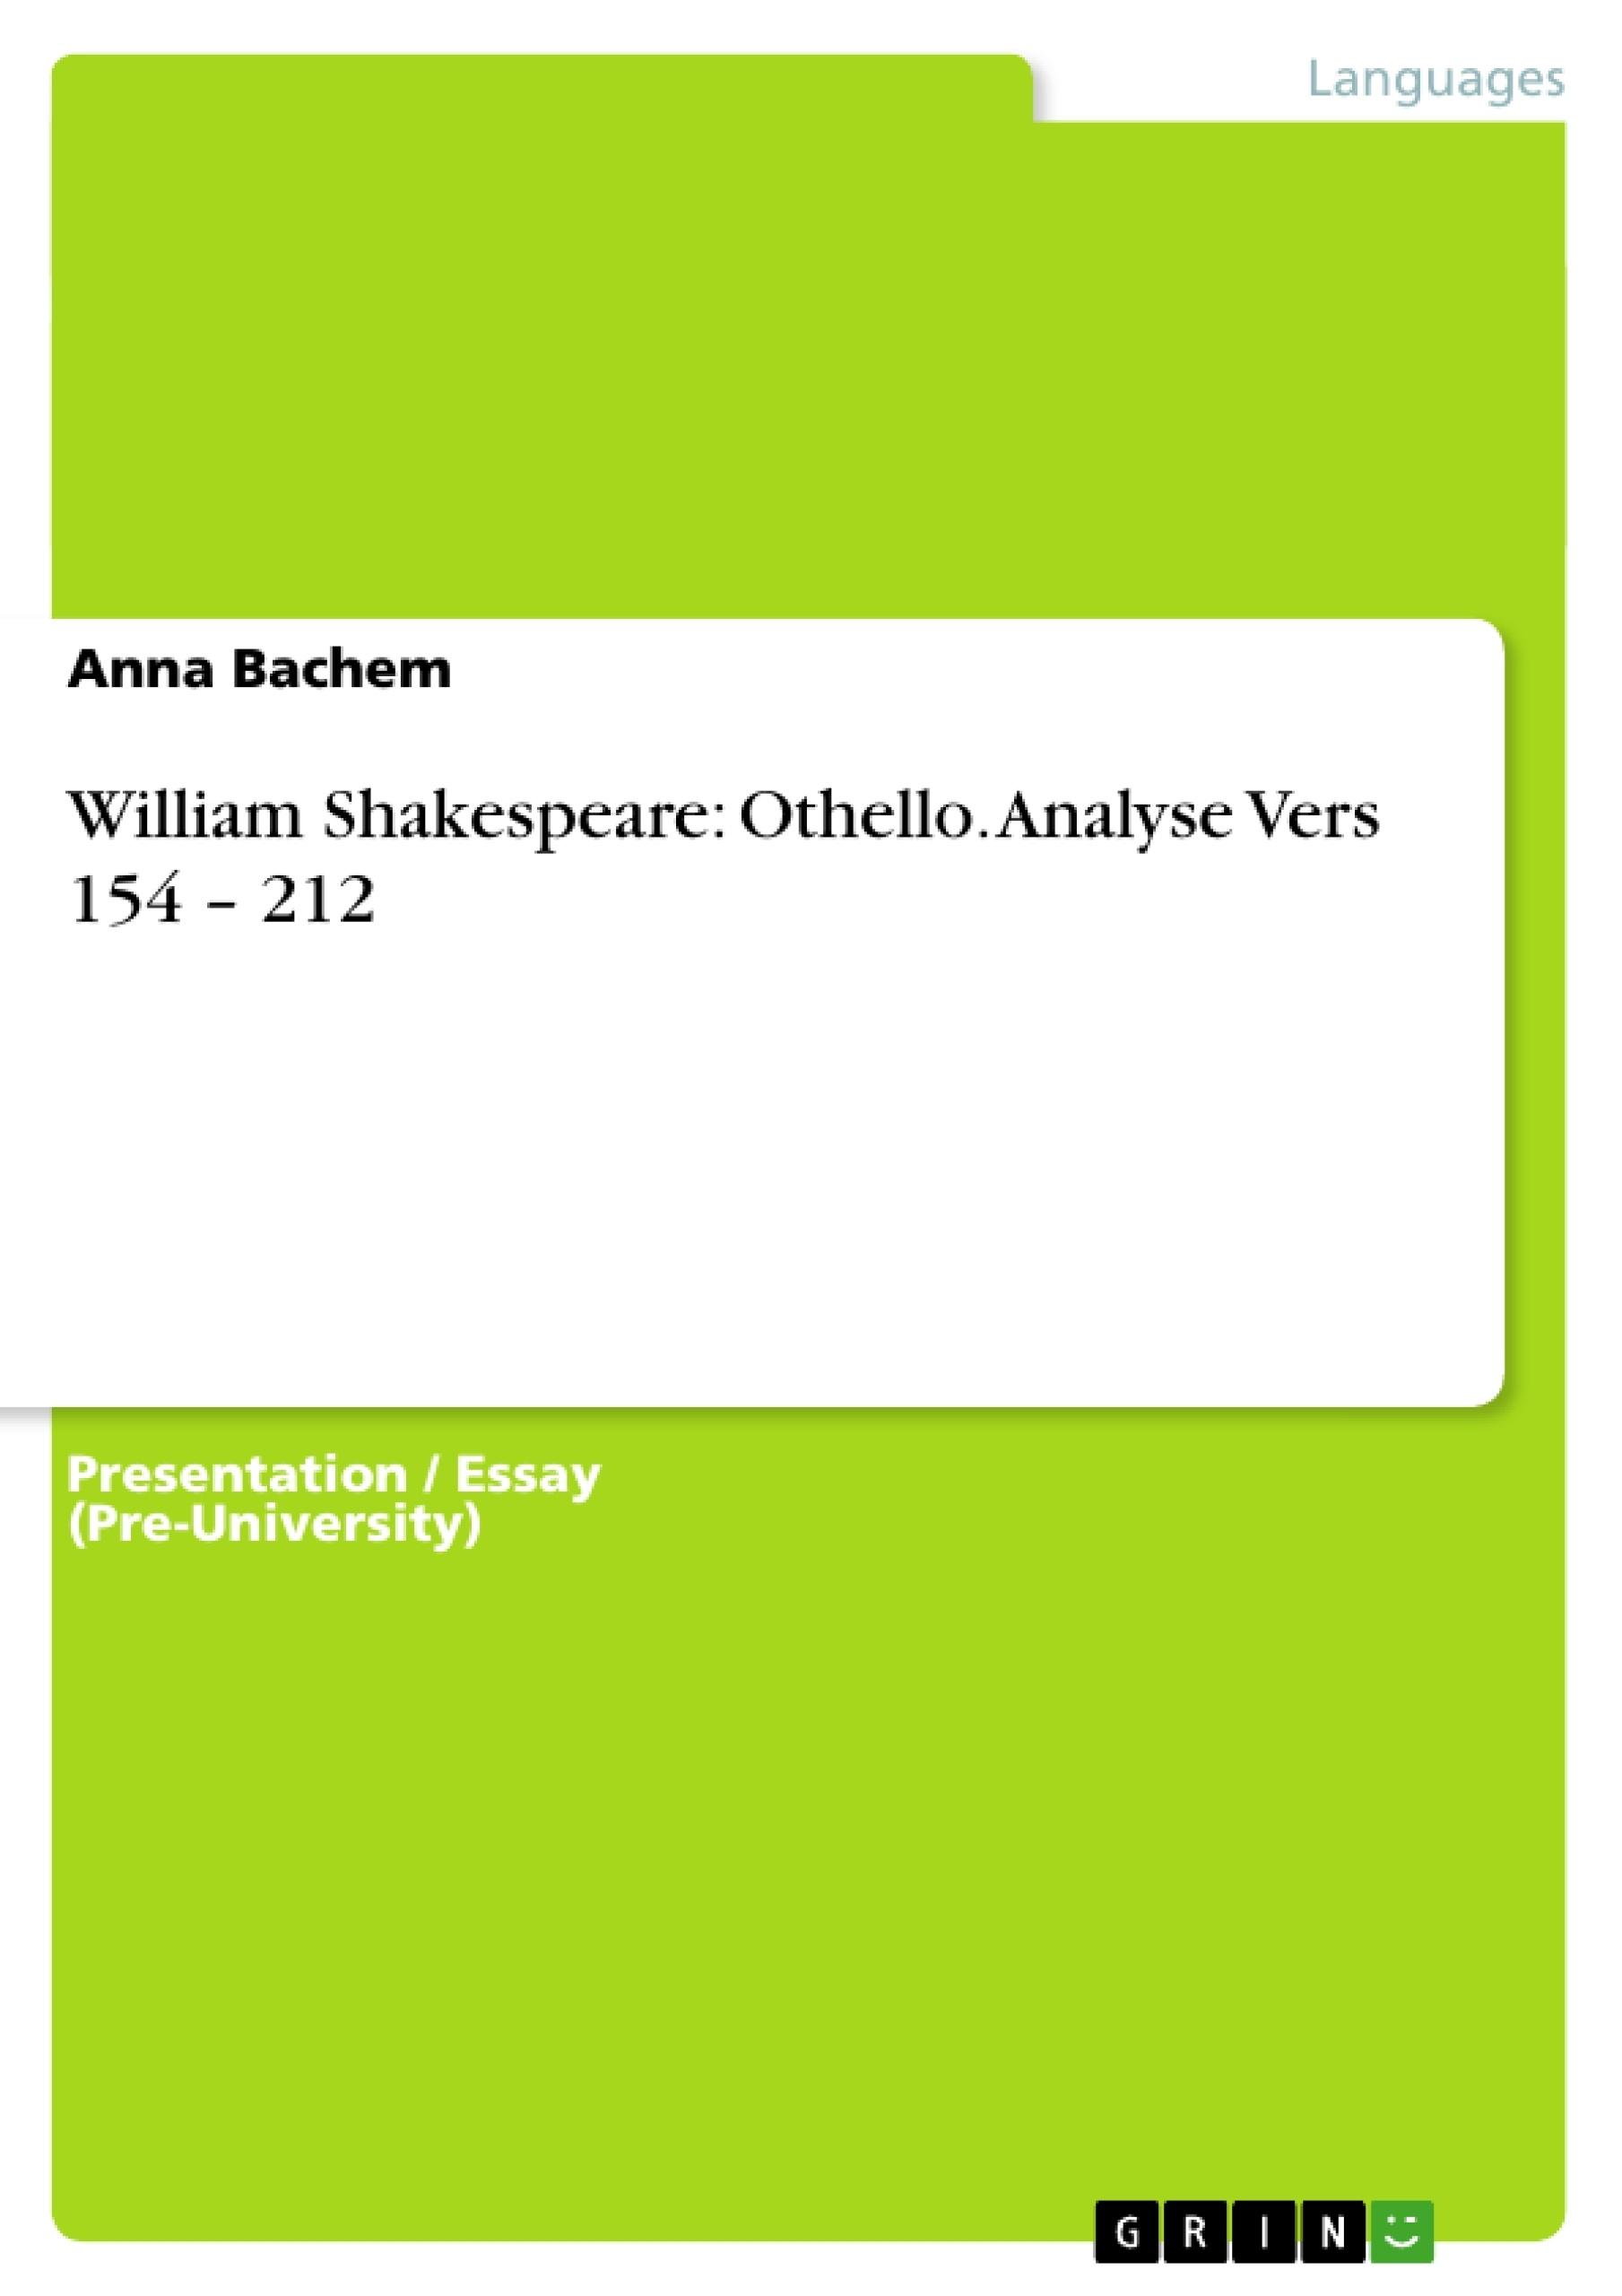 Title: William Shakespeare: Othello. Analyse Vers 154 – 212